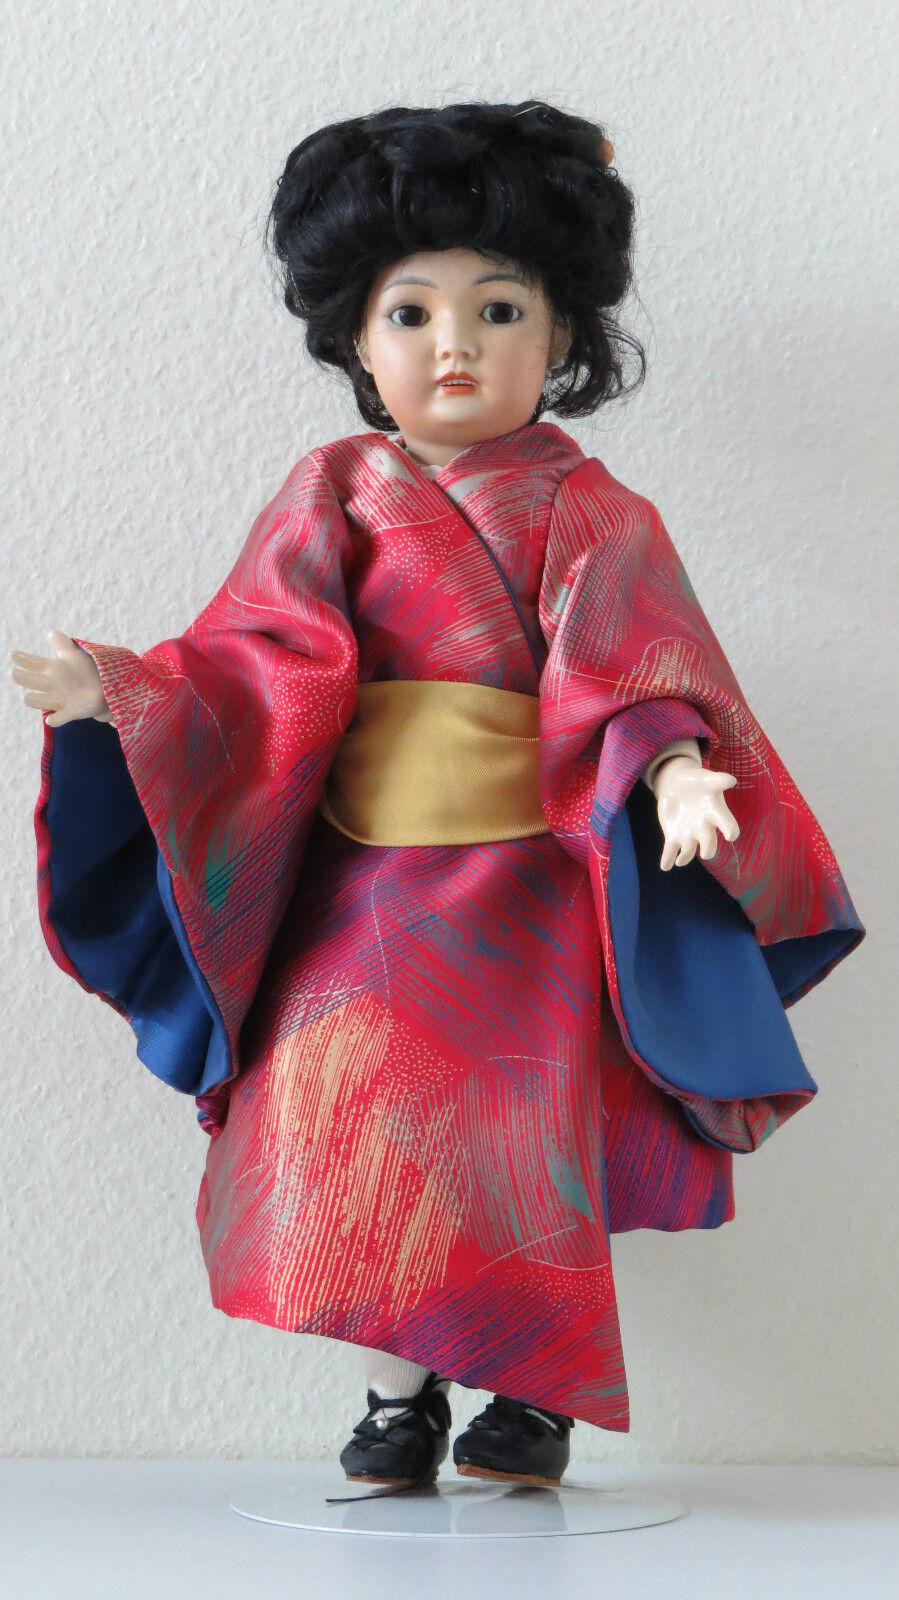 Simon & Halbig  A   44 cm 17,6 Inch  Poupée Ancienne Reproduction Antique doll